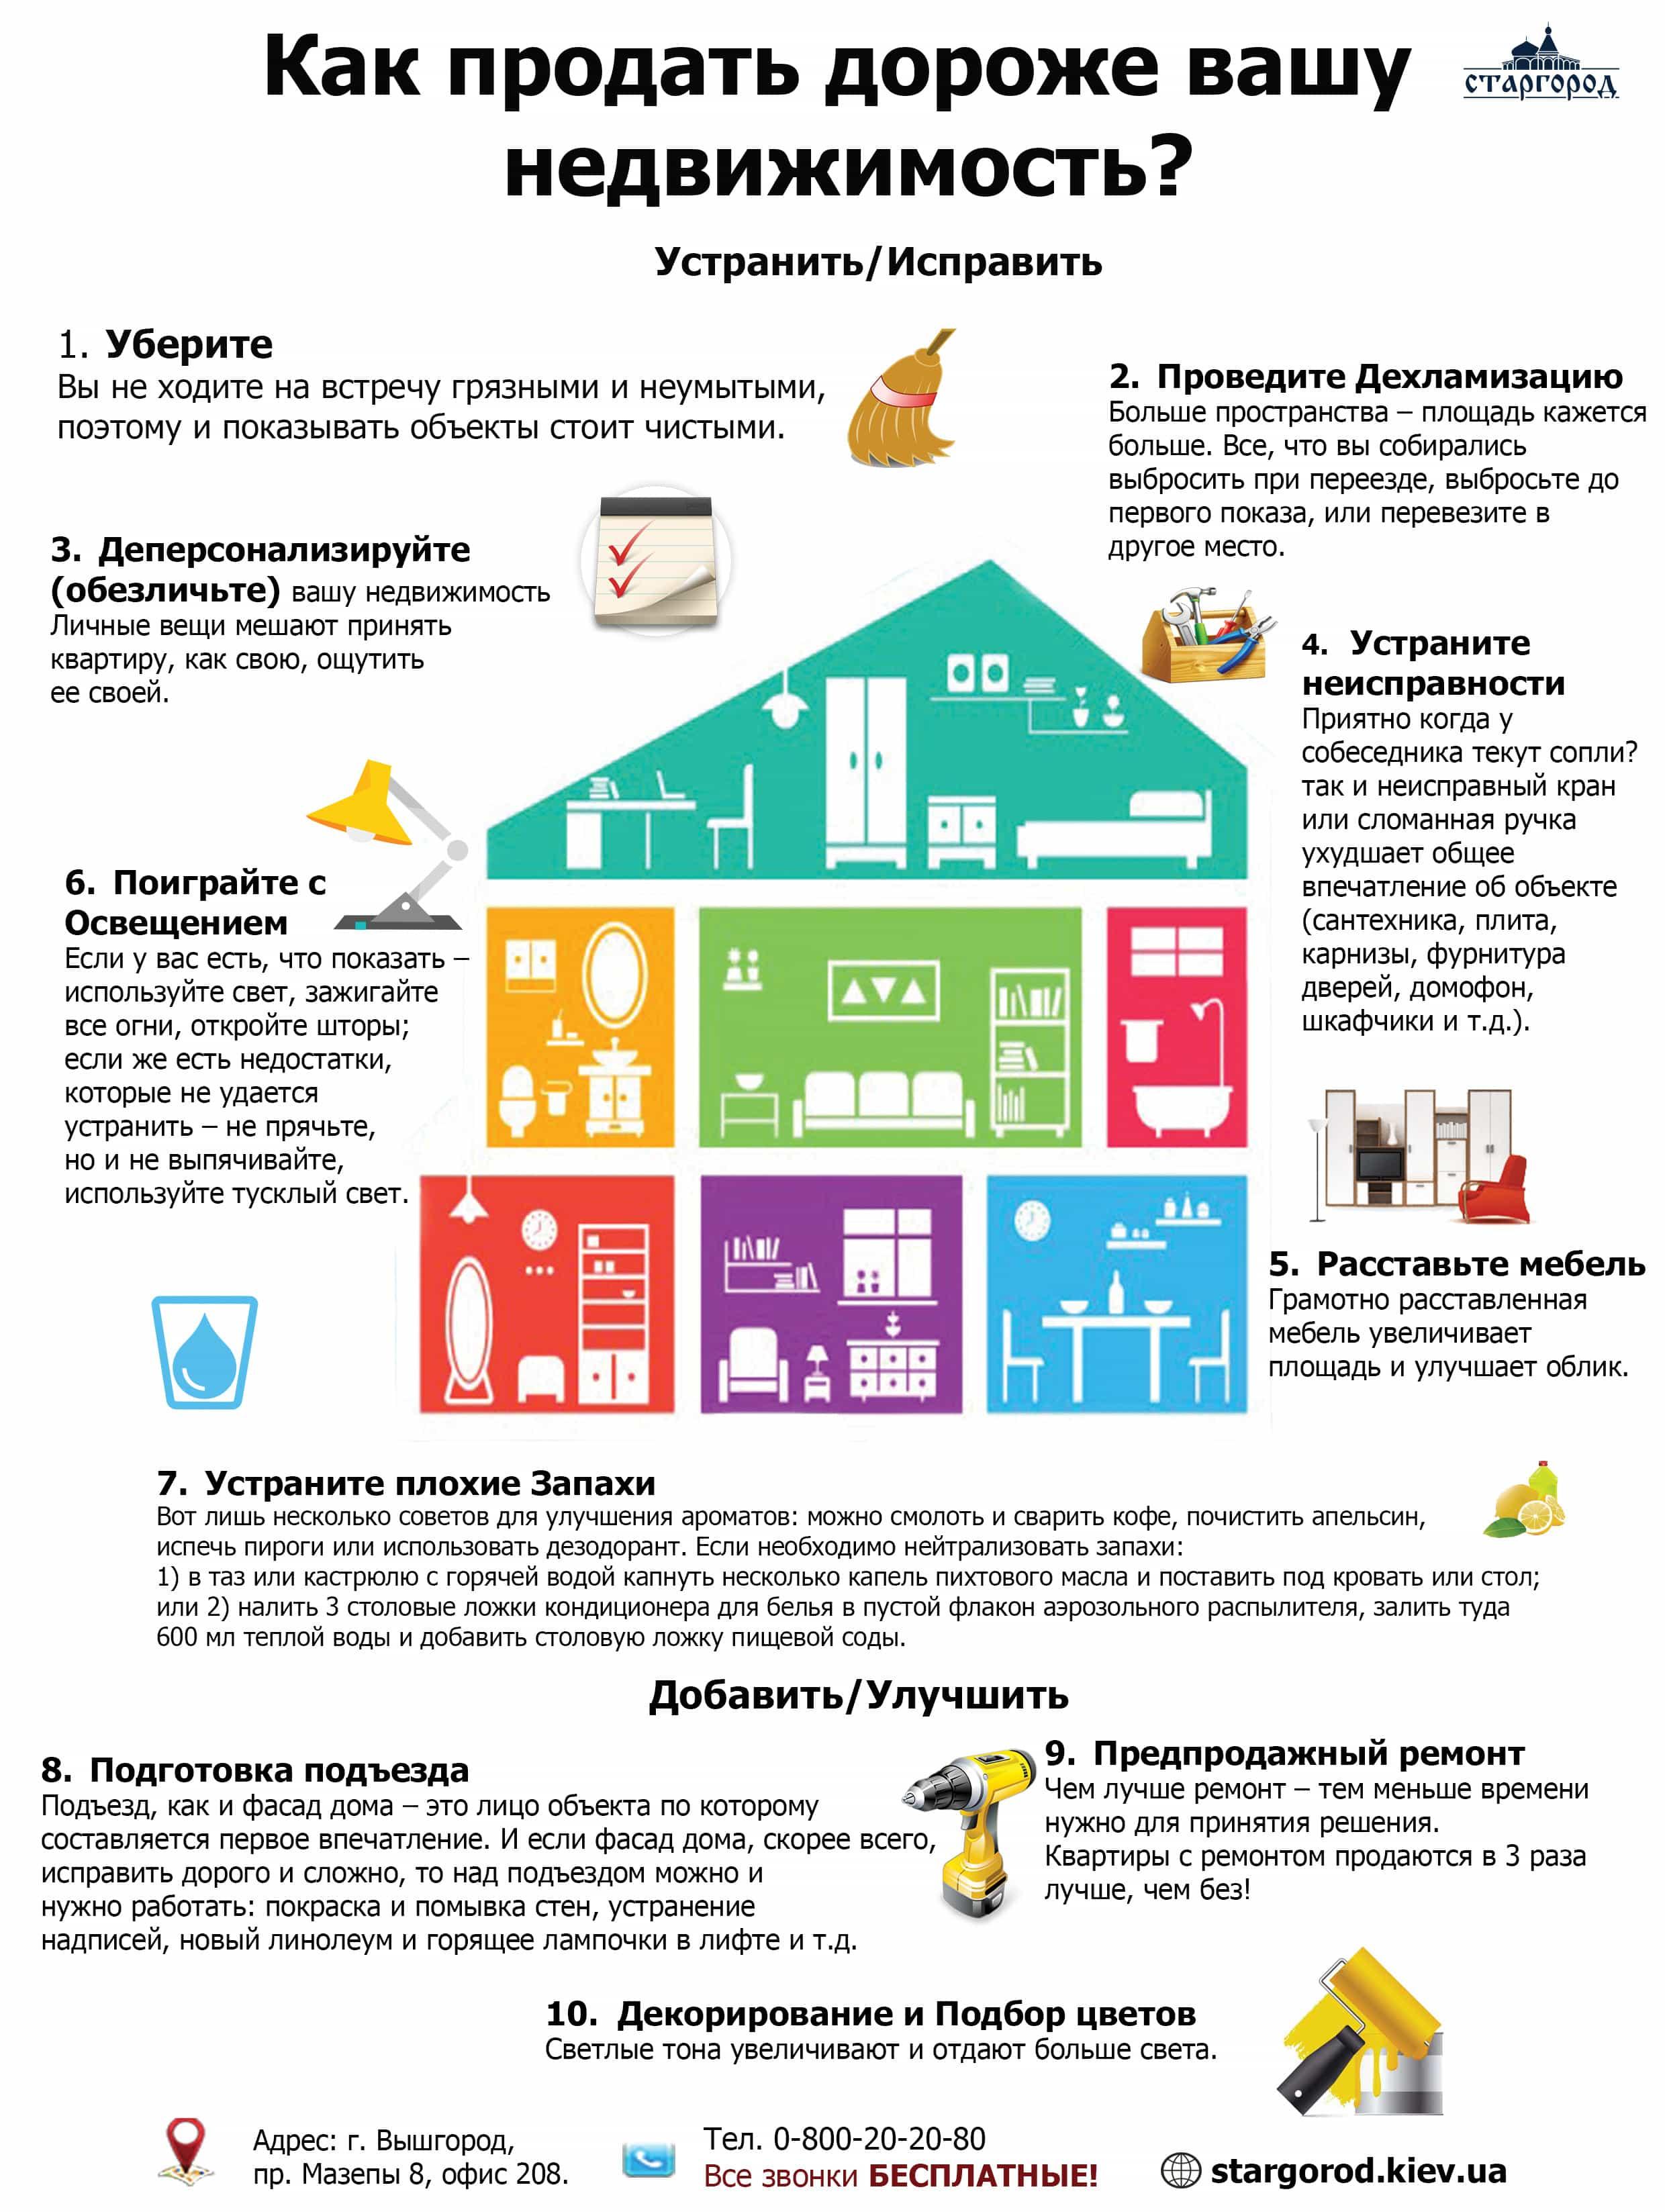 Как продать недвижимость дорого